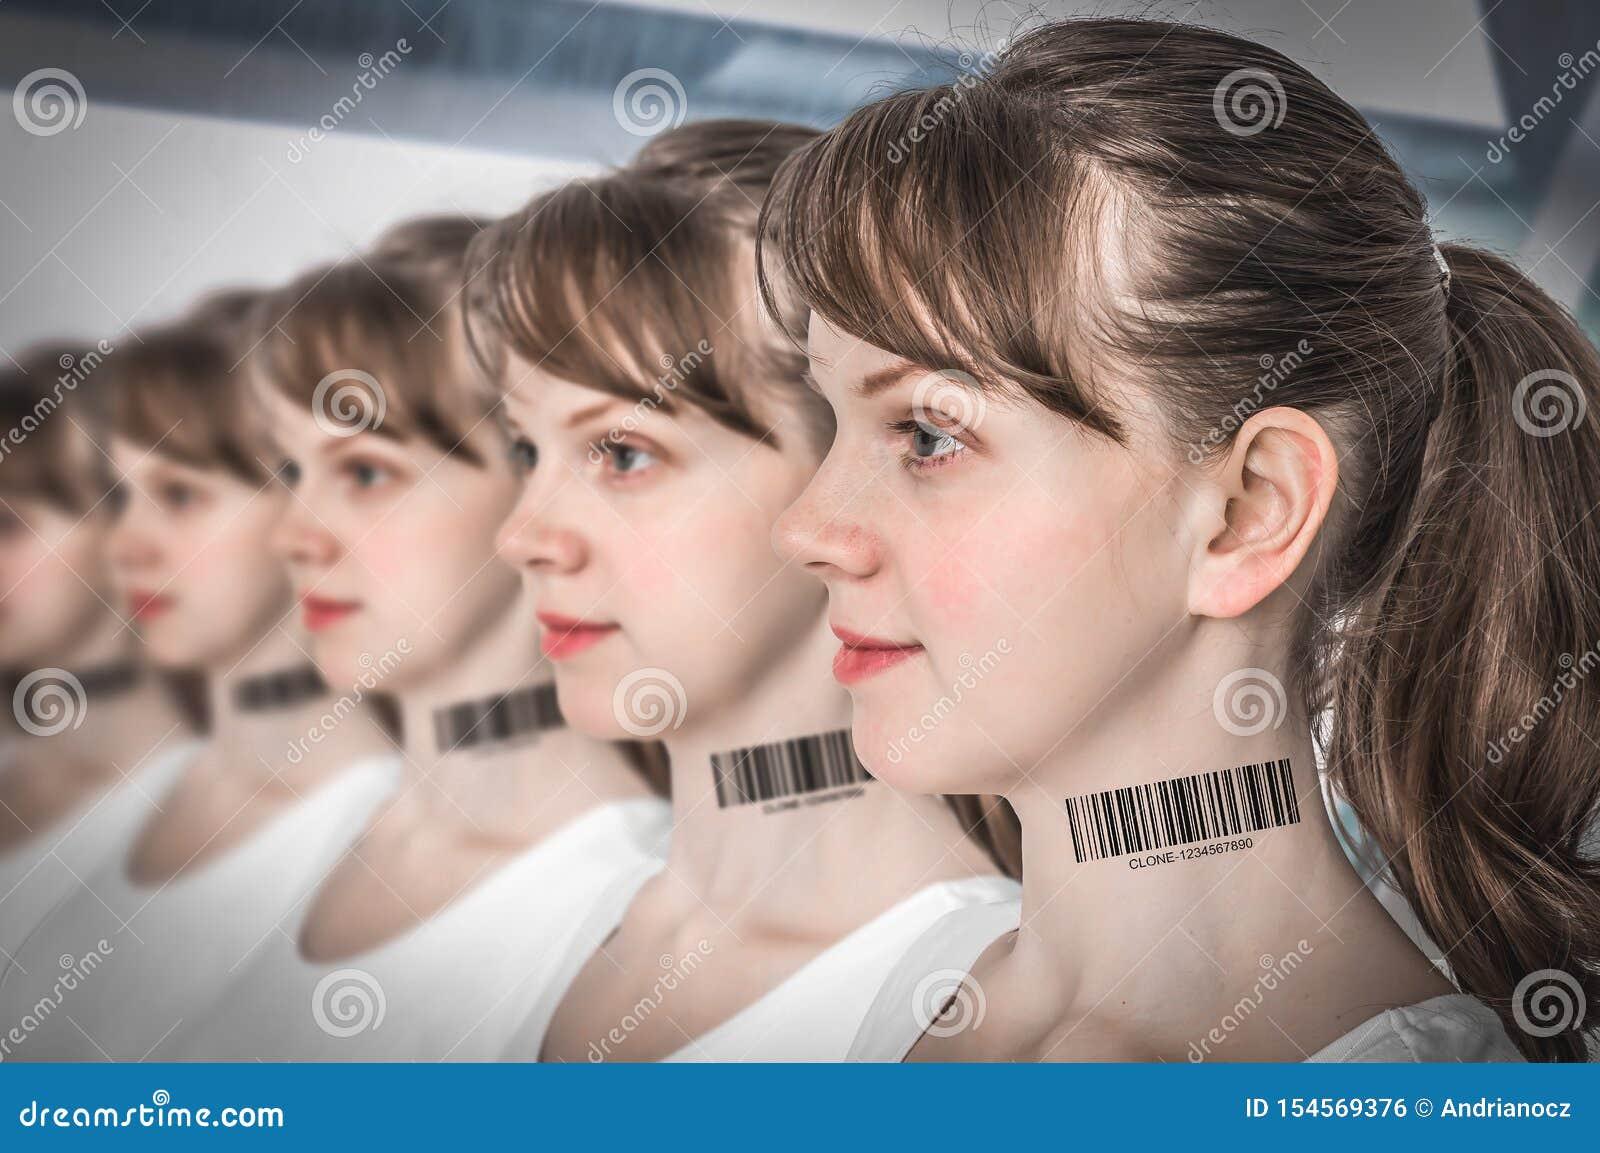 Muchas mujeres en fila con el c?digo de barras - concepto gen?tico de la copia